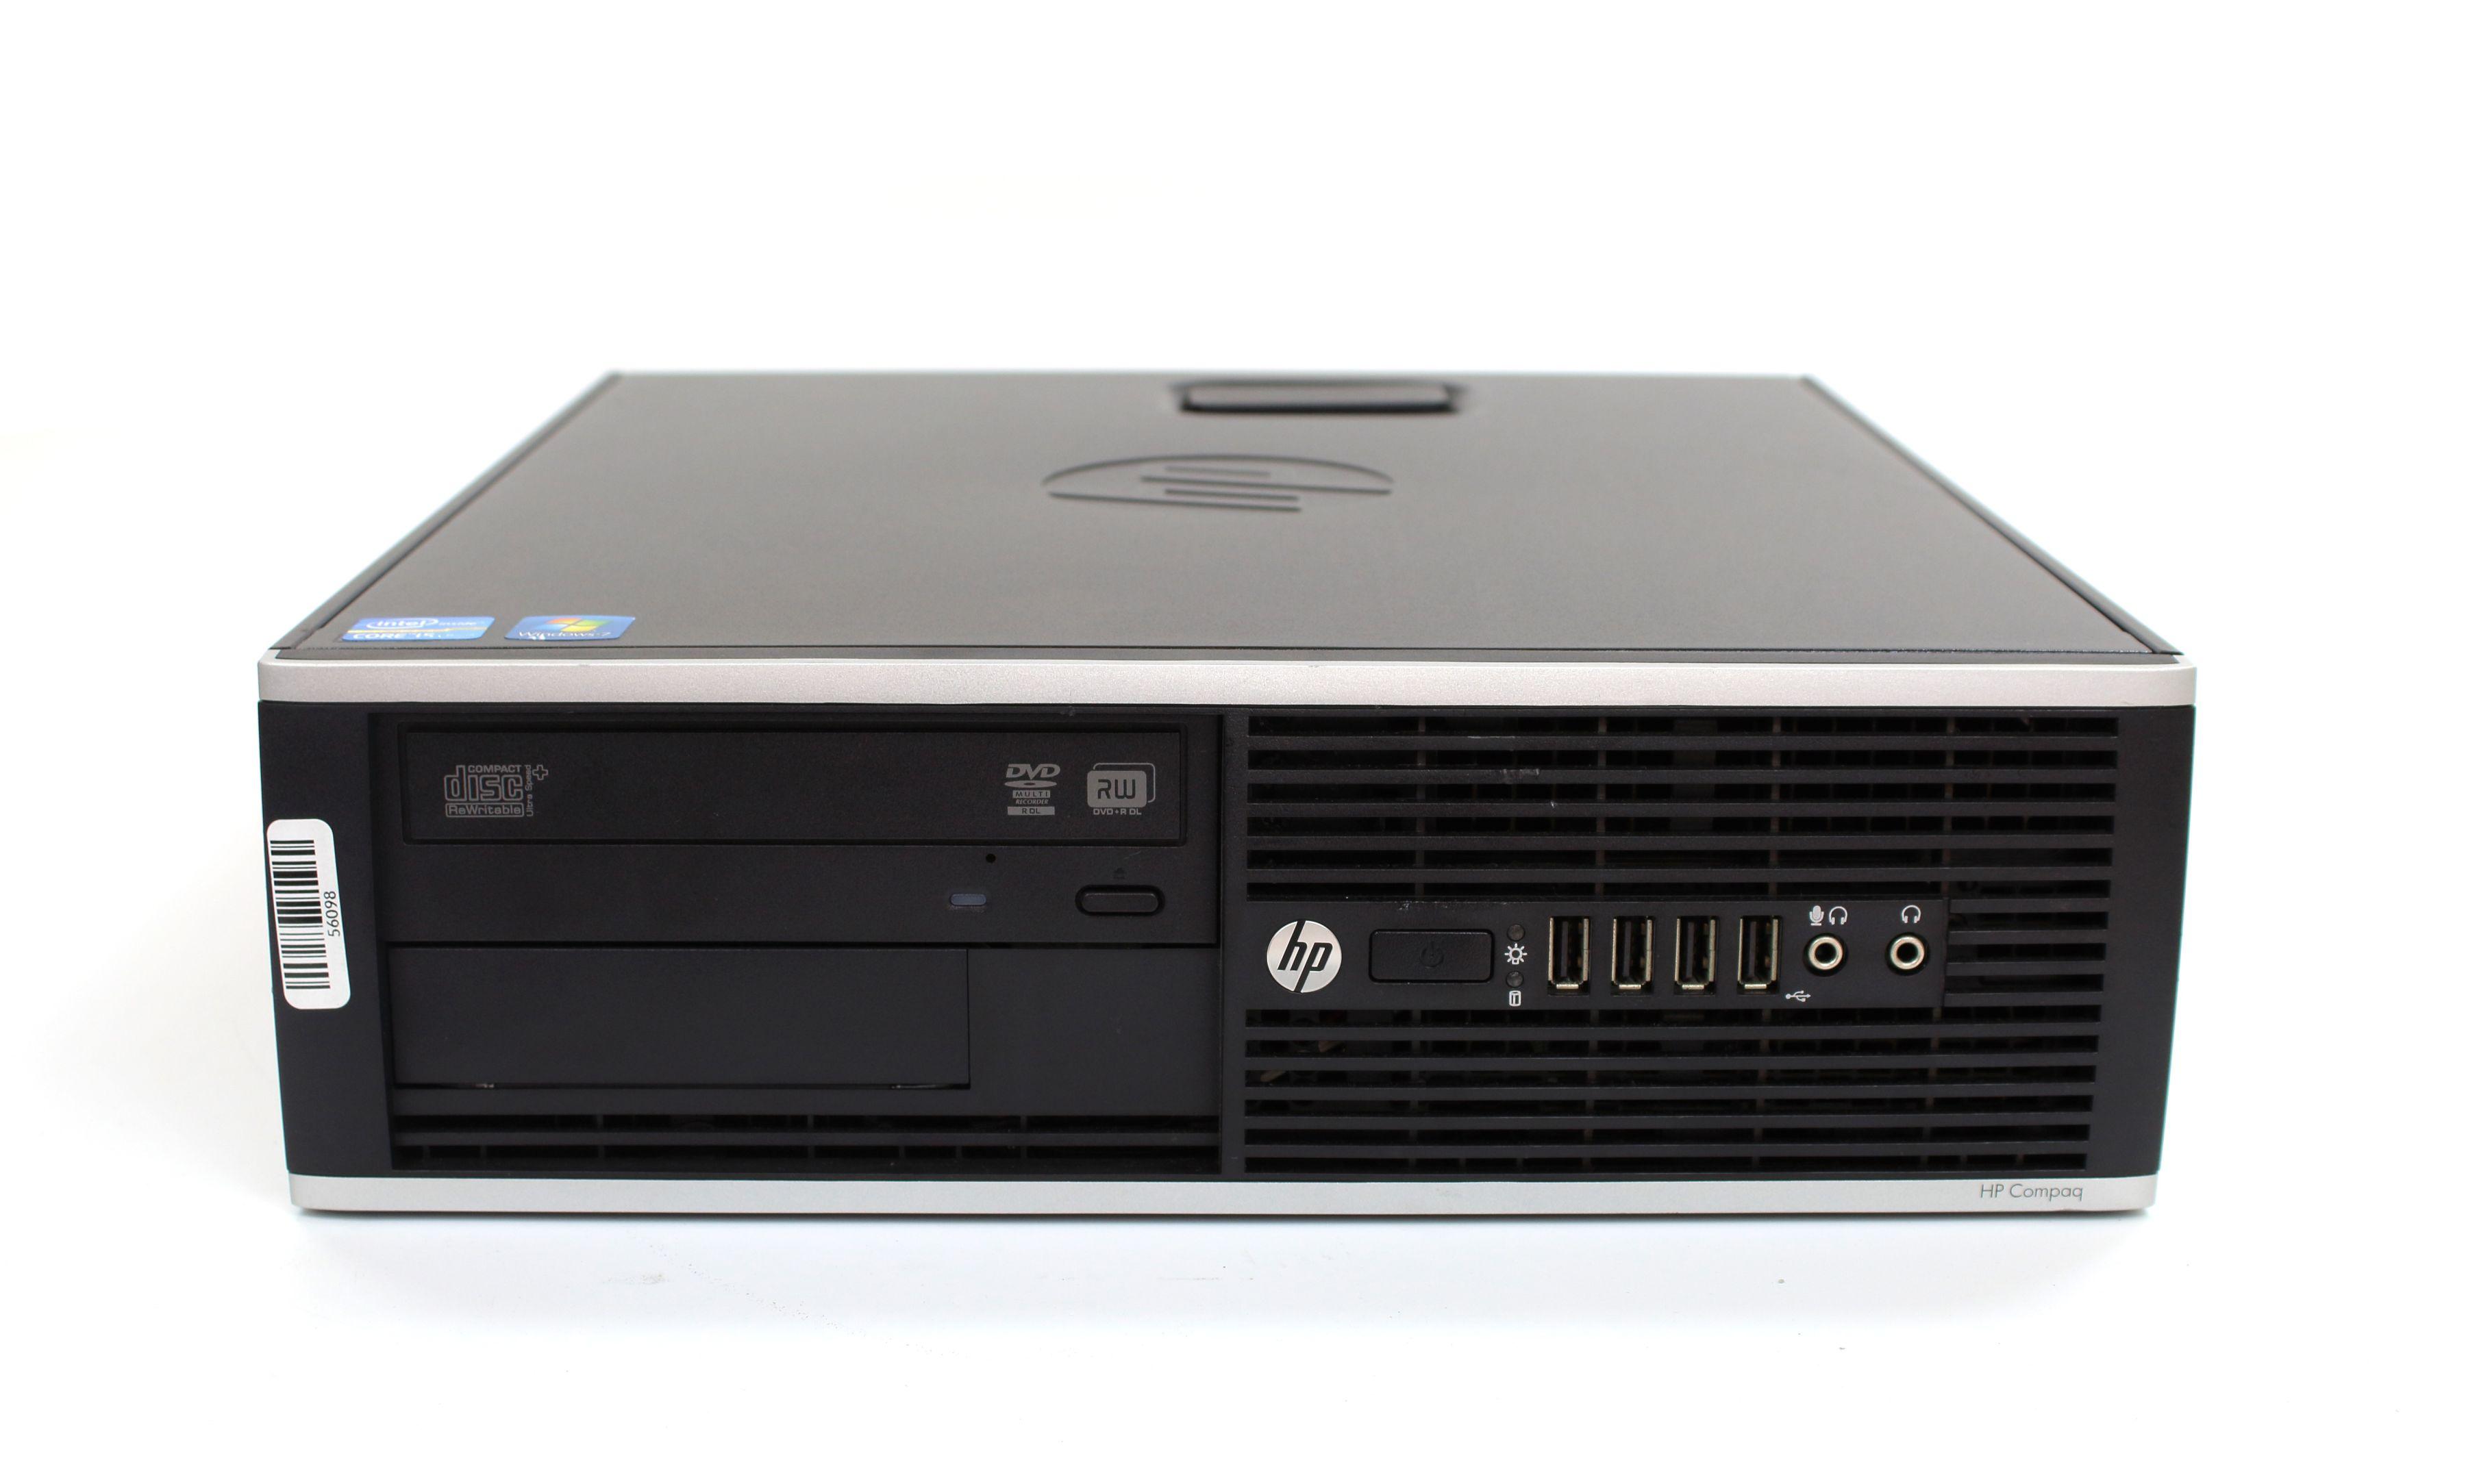 Komputer HP Compaq 8200 Elite Desktop i5-2400 4x3.40GHz 4GB 250GB DVD-RW Windows 7 Pro